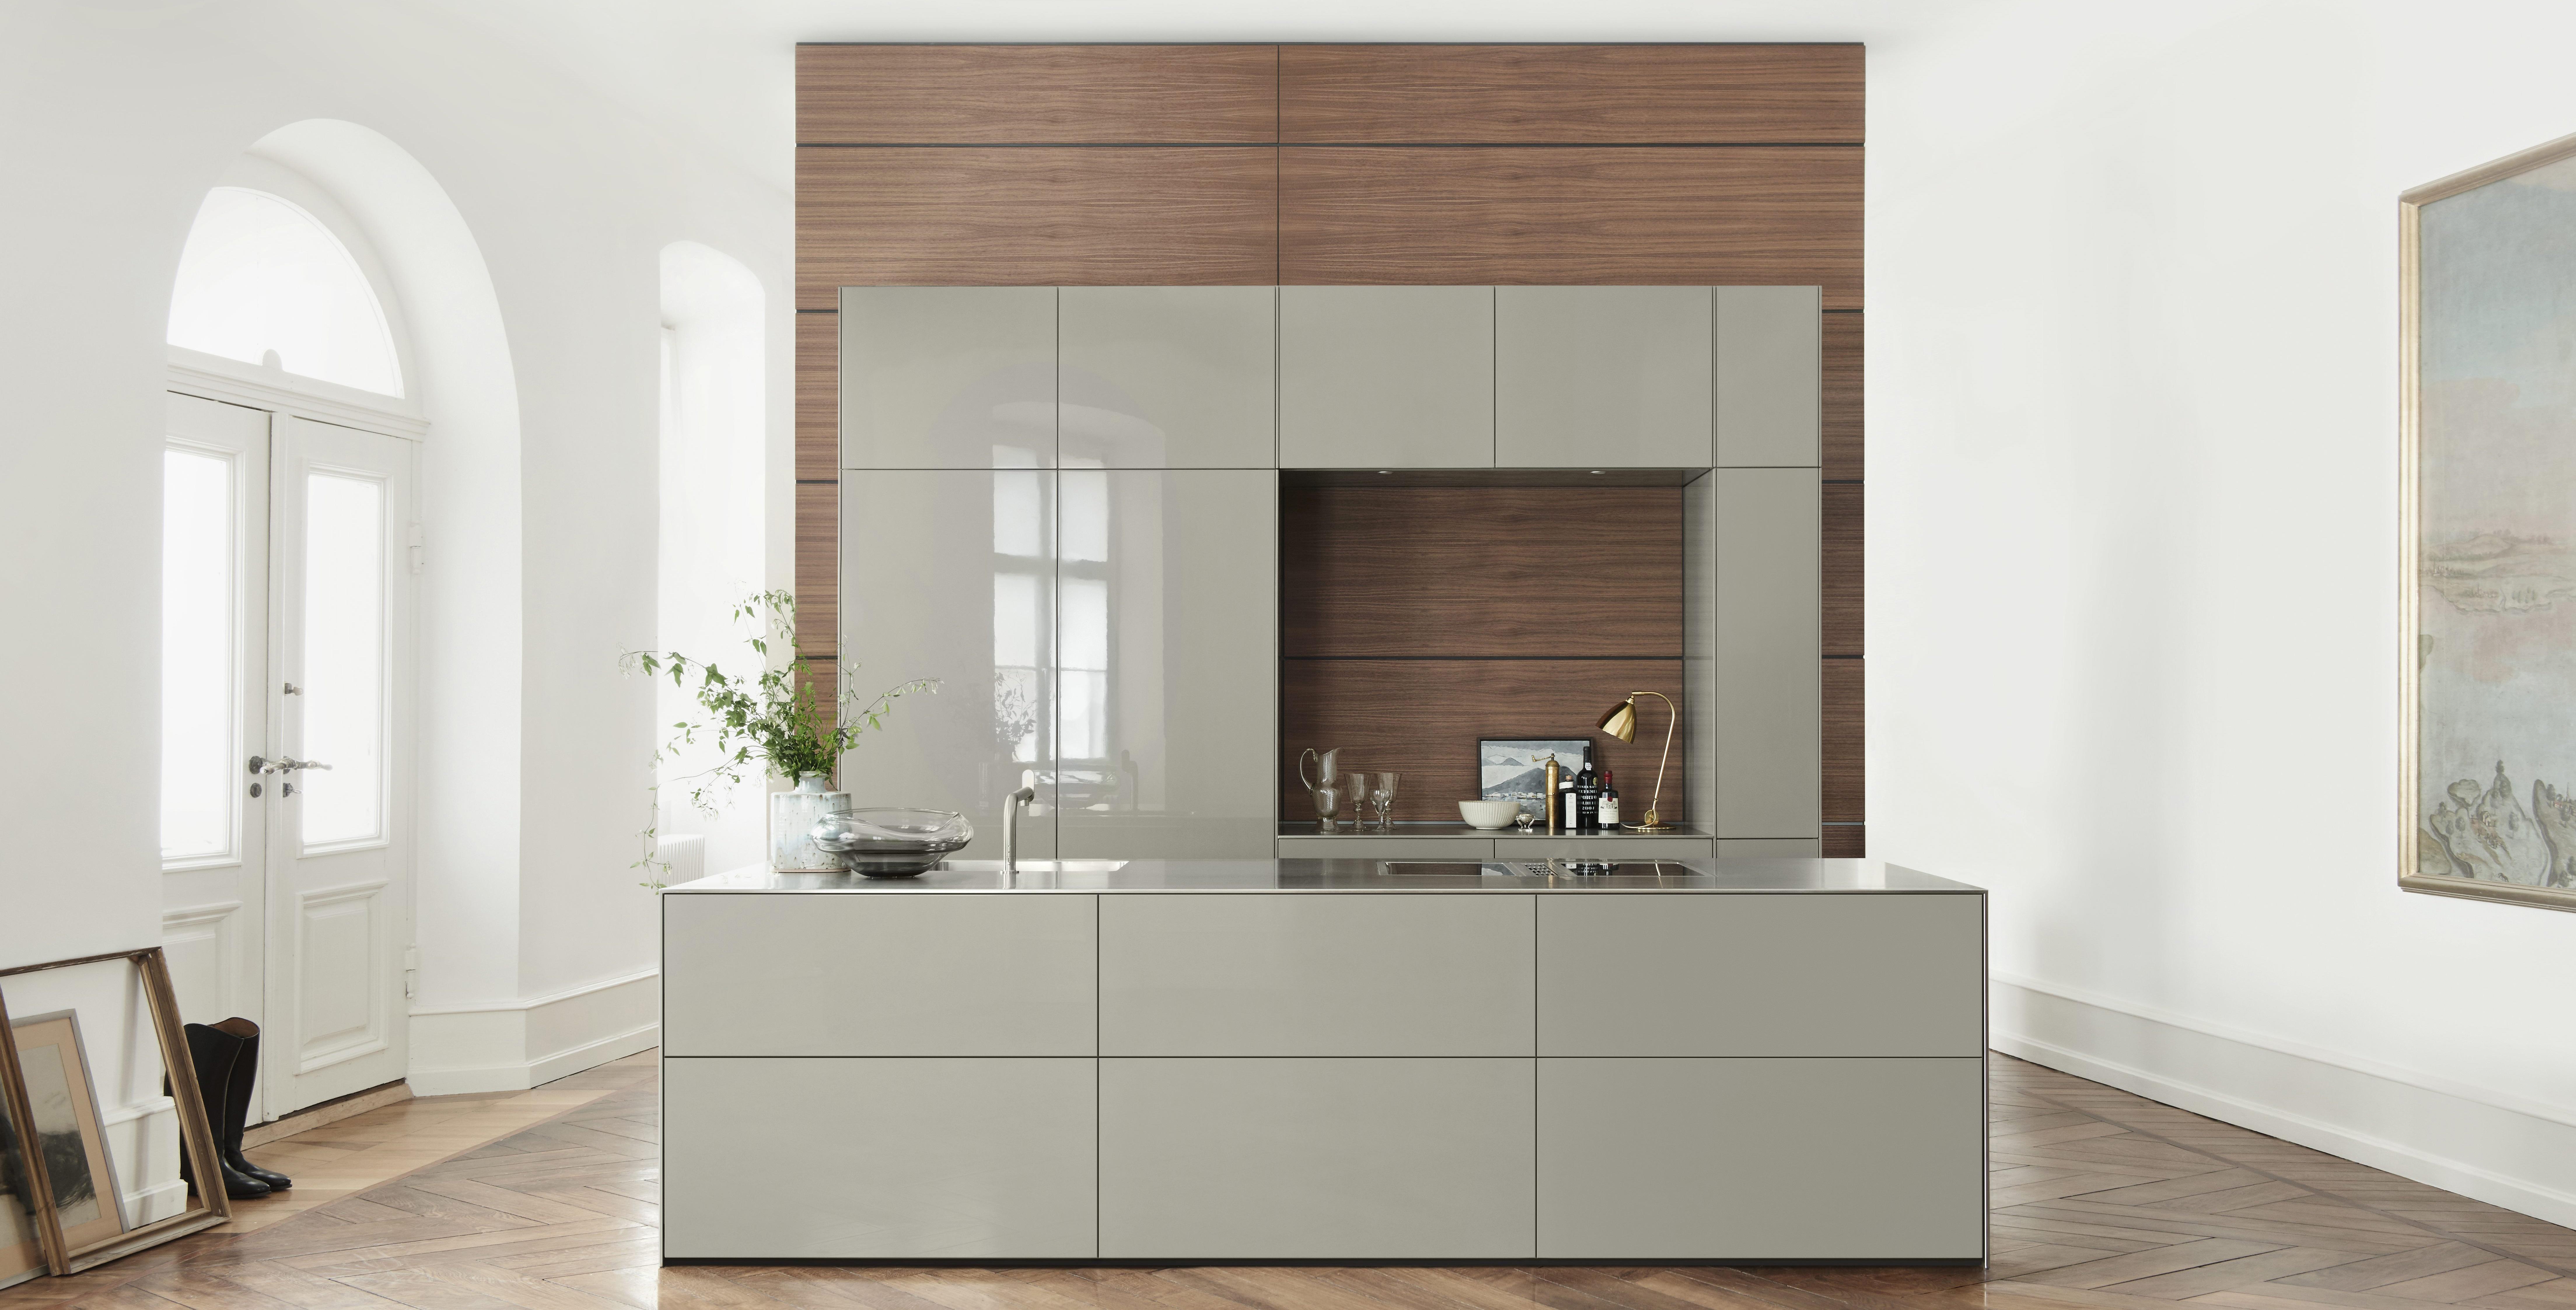 bulthaup kitchens minimum